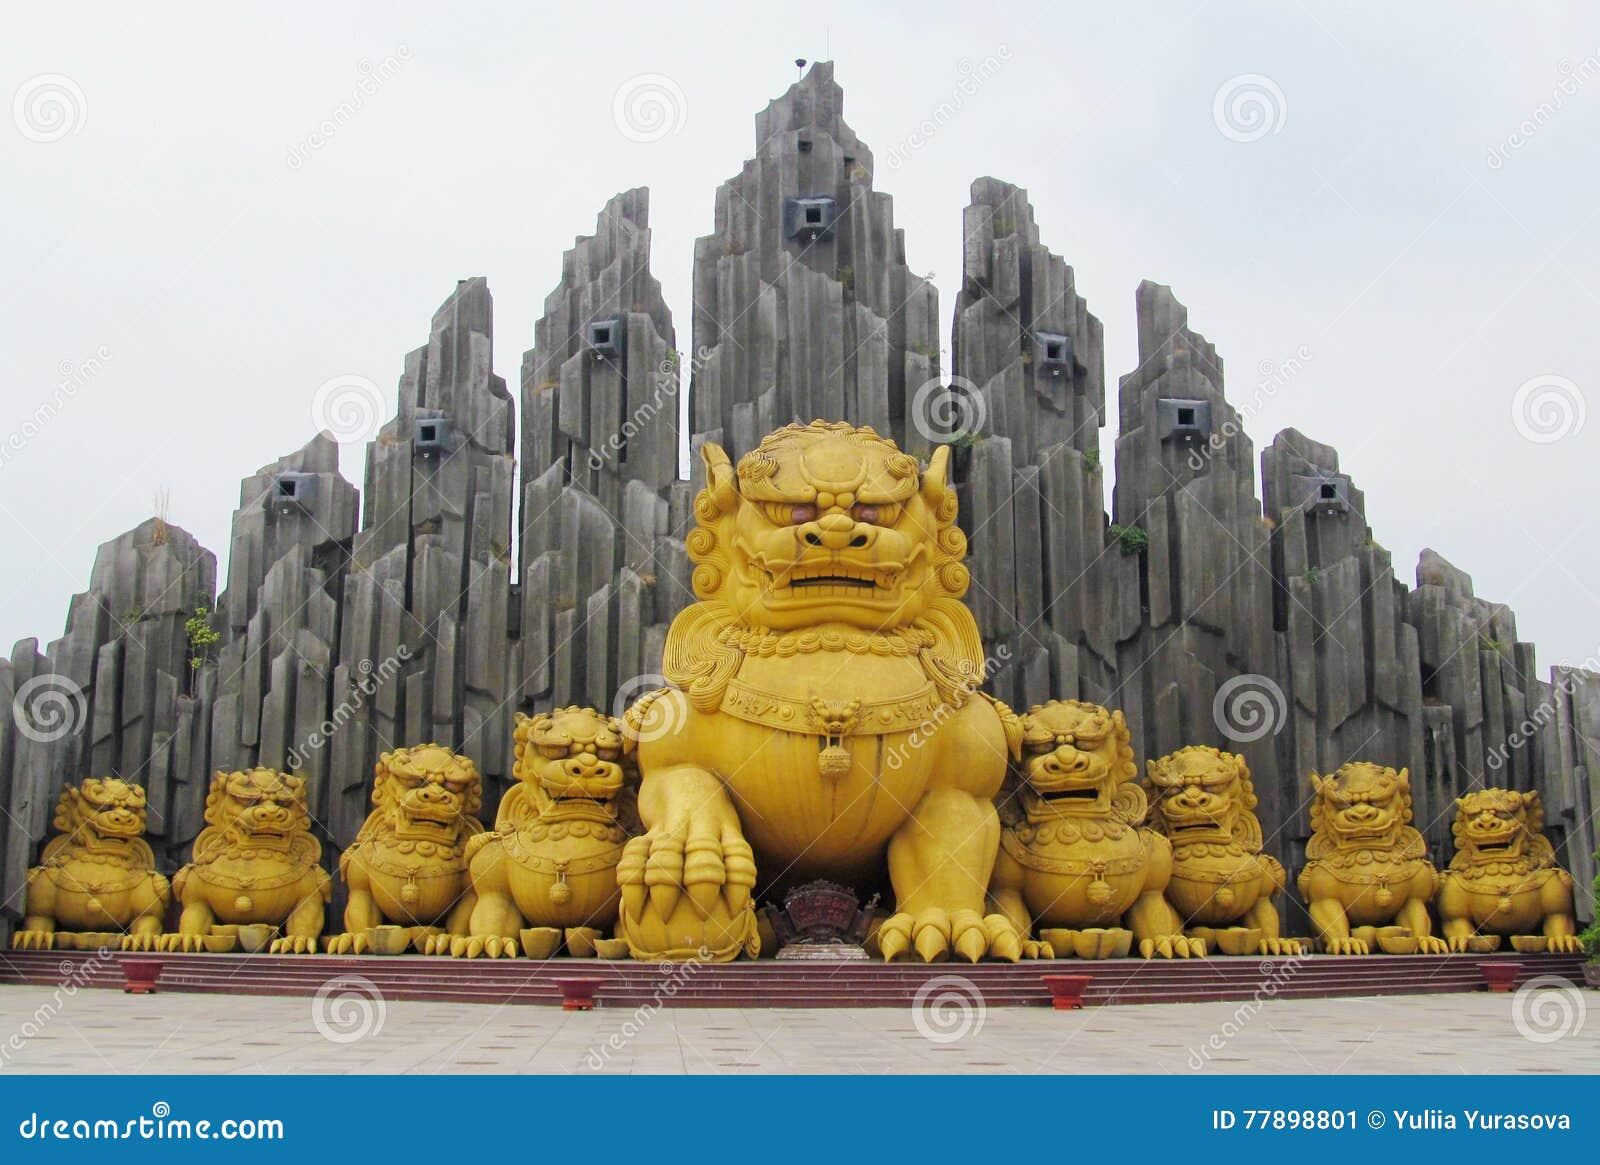 Suoi Tien Theme Amusement Park in Ho Chi Minh City, Vietnam